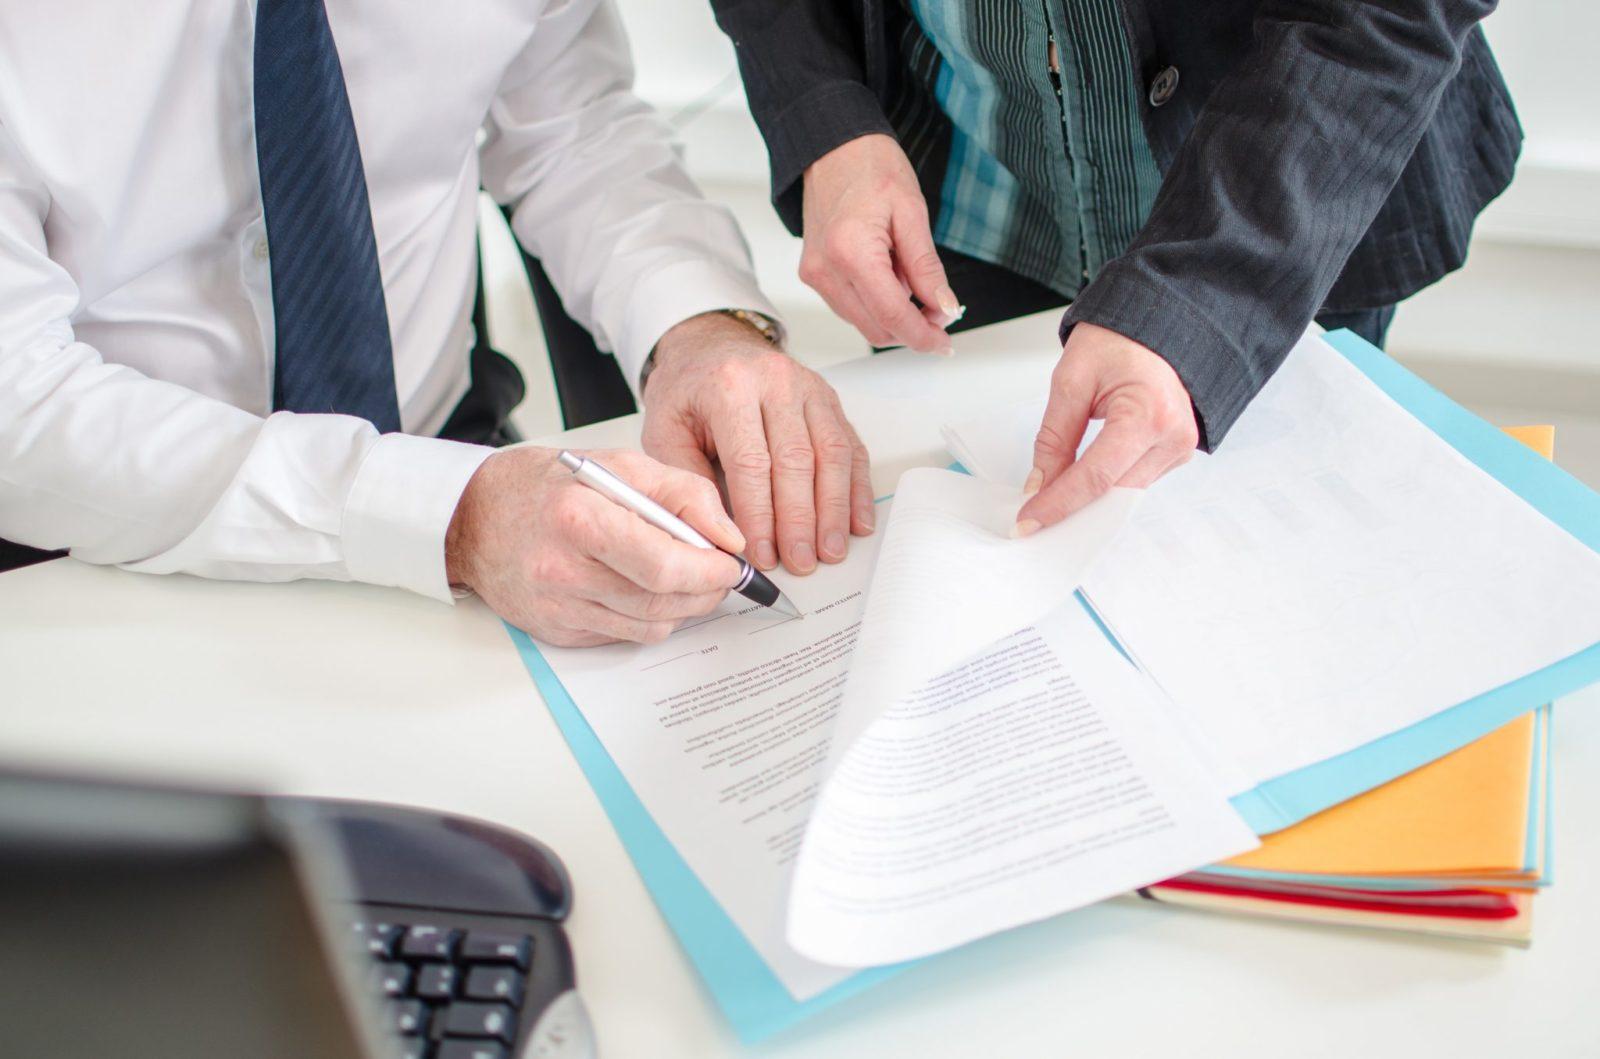 Бухгалтерское сопровождение и обслуживание ооо договор между бухгалтером и организацией